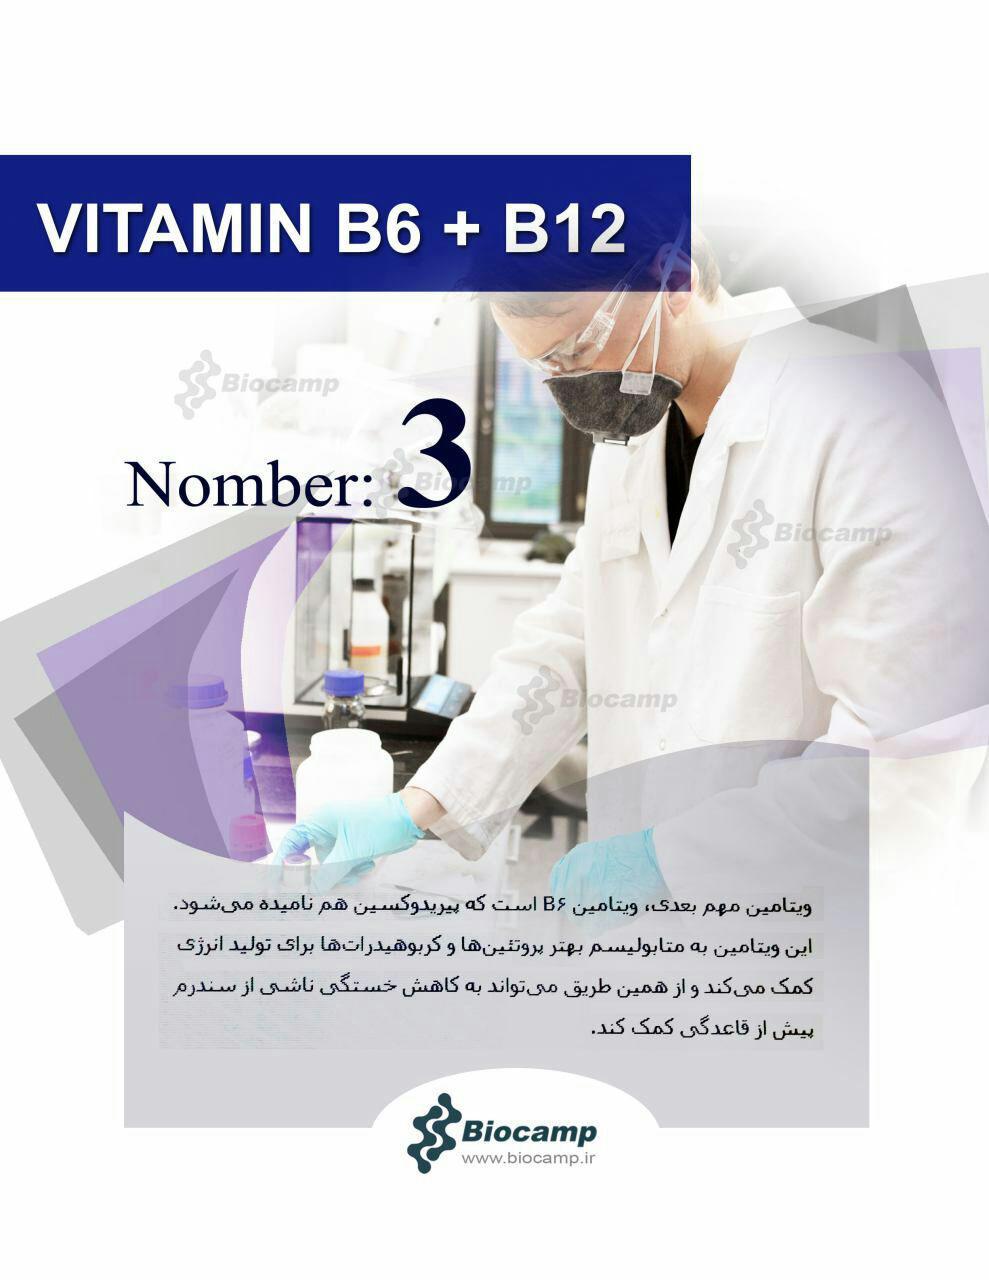 نقش ویتامین ها بر بدن نقش ویتامین های B6 و B12 بر بدن نقش ویتامین های B6 و B12 بر بدن photo 2016 10 03 23 08 30